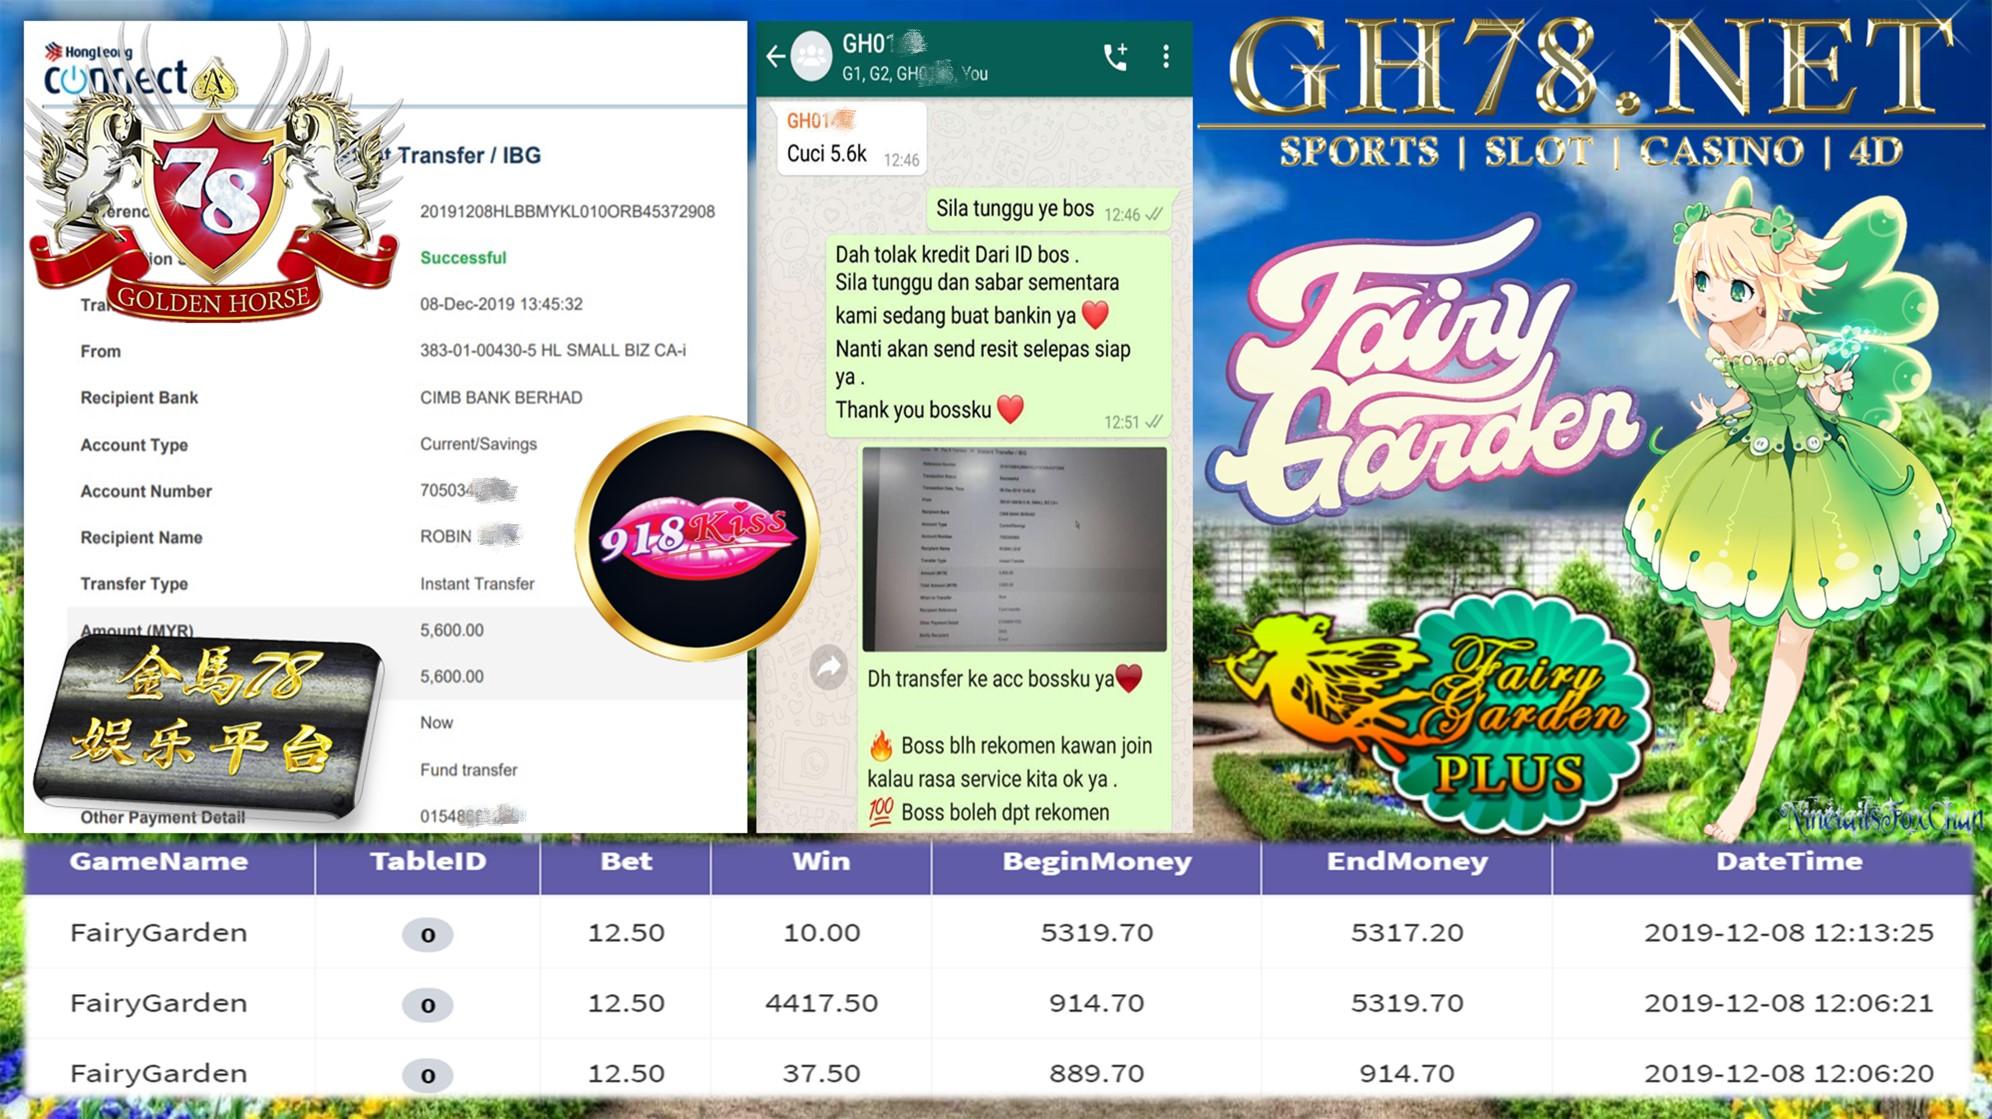 918KISS FAIRYGARDEN MINTA CUCI RM5600!!!